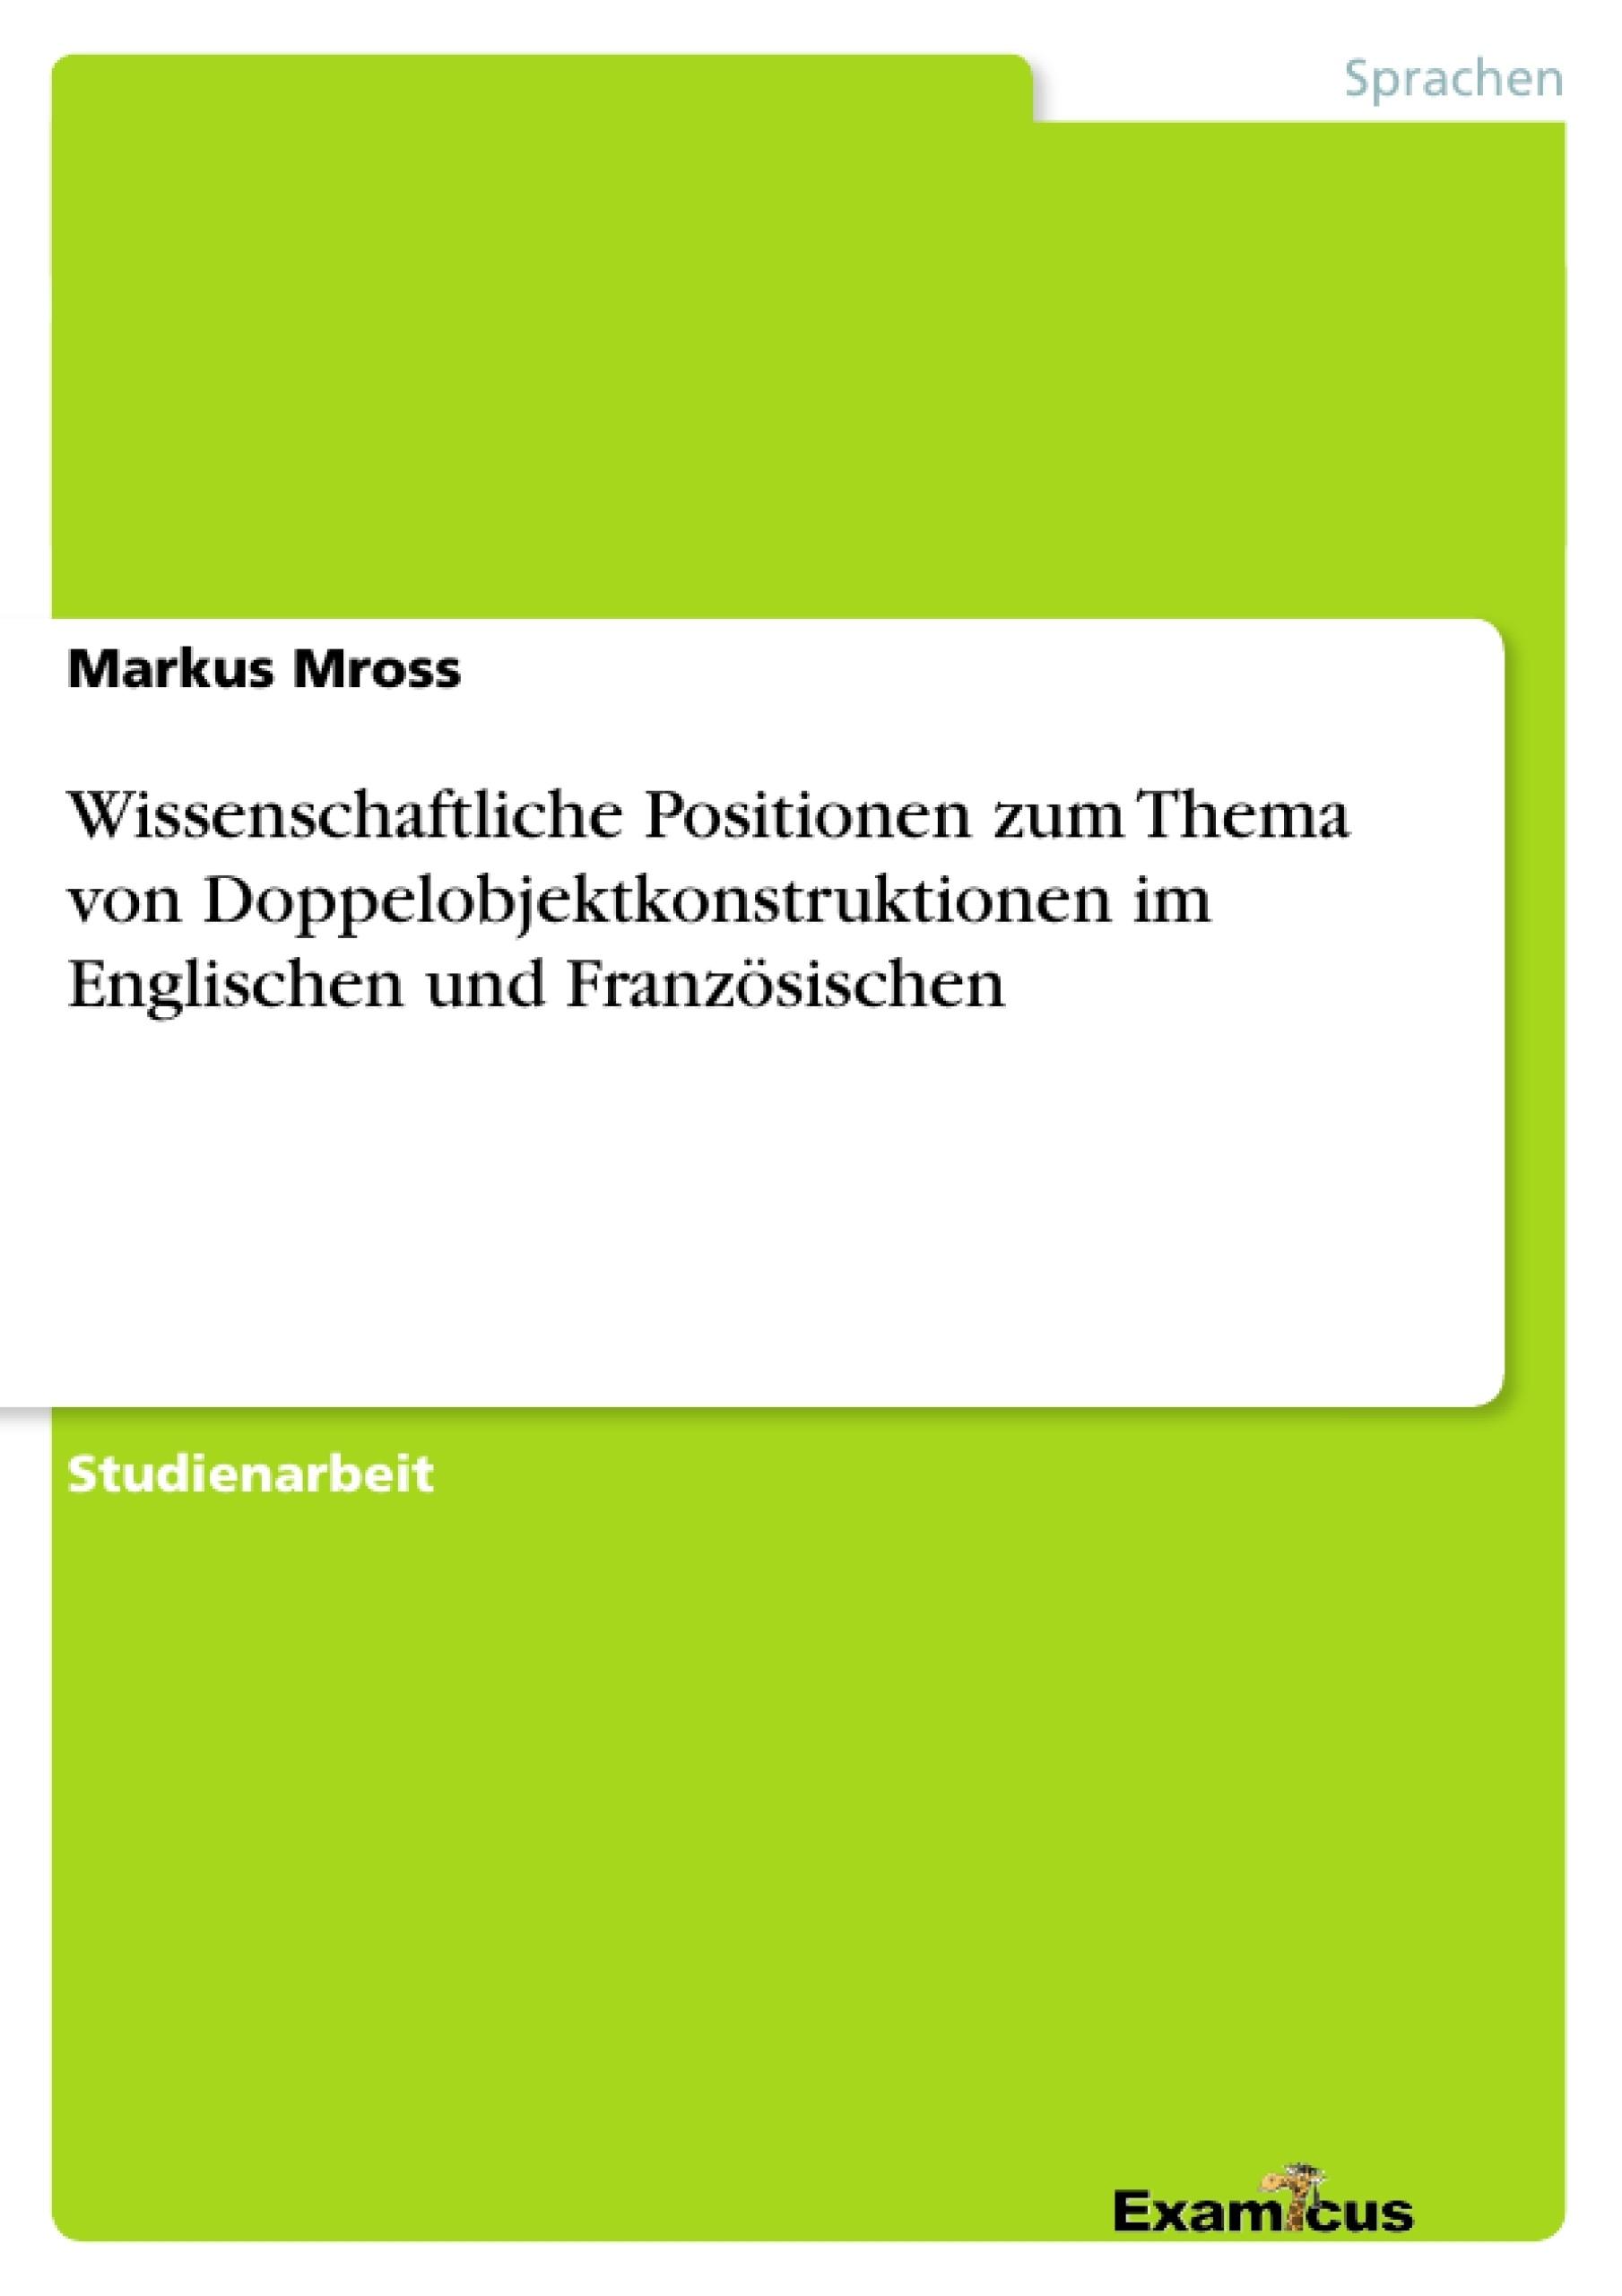 Titel: Wissenschaftliche Positionen zum Thema von Doppelobjektkonstruktionen im Englischen und Französischen